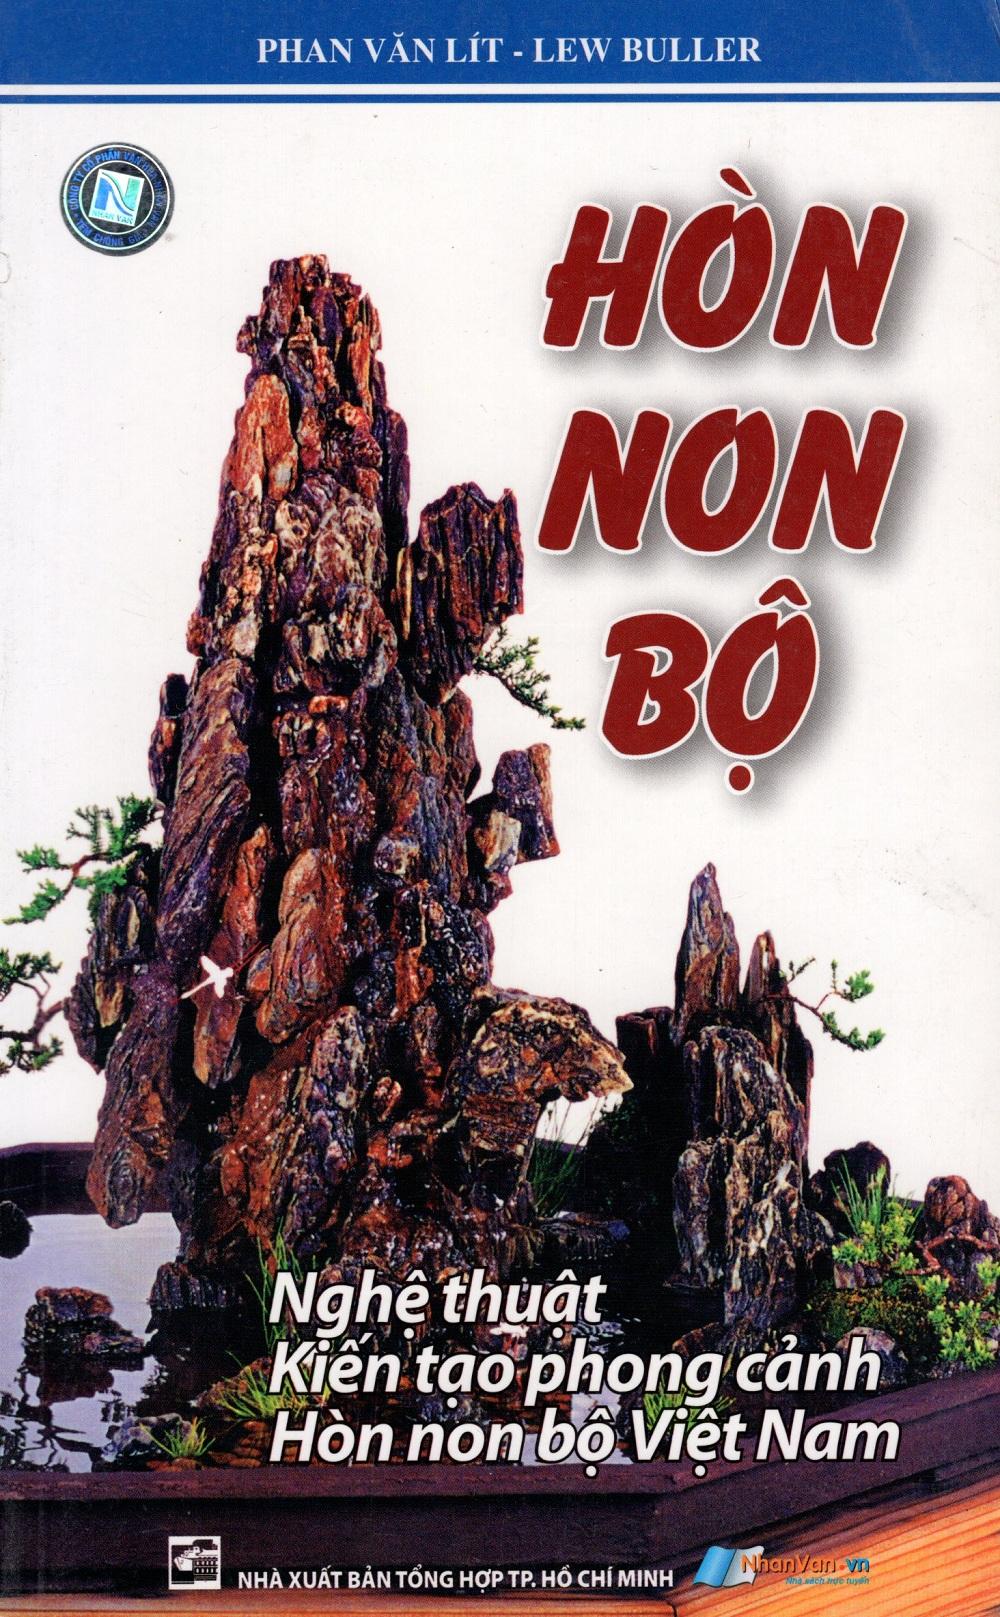 Hòn Non Bộ - Nghệ Thuật Kiến Tạo Phong Cảnh Hòn Non Bộ Việt Nam - 2540133176749,62_997444,32000,tiki.vn,Hon-Non-Bo-Nghe-Thuat-Kien-Tao-Phong-Canh-Hon-Non-Bo-Viet-Nam-62_997444,Hòn Non Bộ - Nghệ Thuật Kiến Tạo Phong Cảnh Hòn Non Bộ Việt Nam